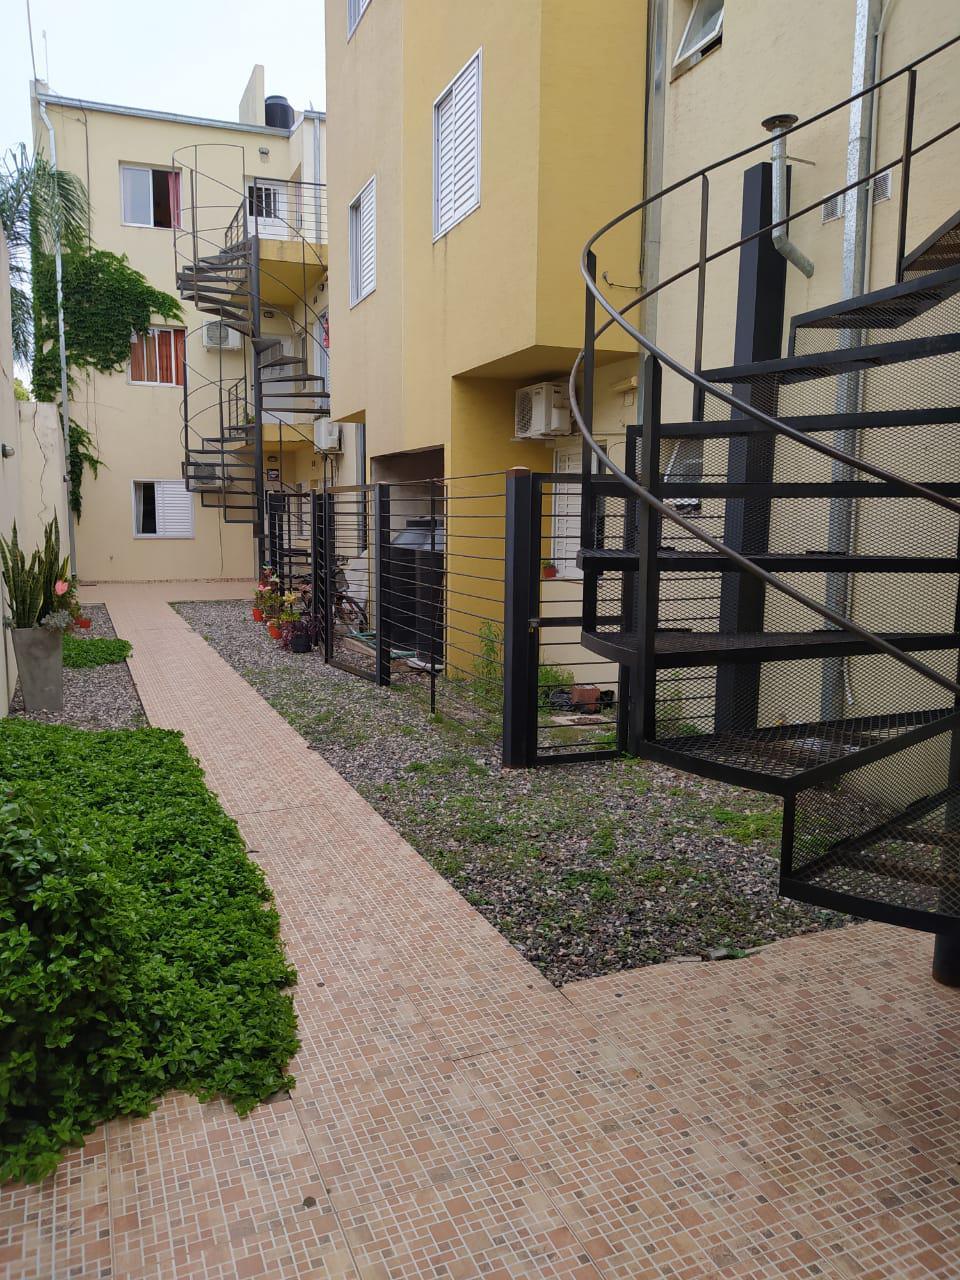 Belgrano 476 2º dpto 9 - Gaggiotti Inmobiliaria cuenta con más de 50 años desde que se inicio en el negocio de los servicios inmobiliarios.